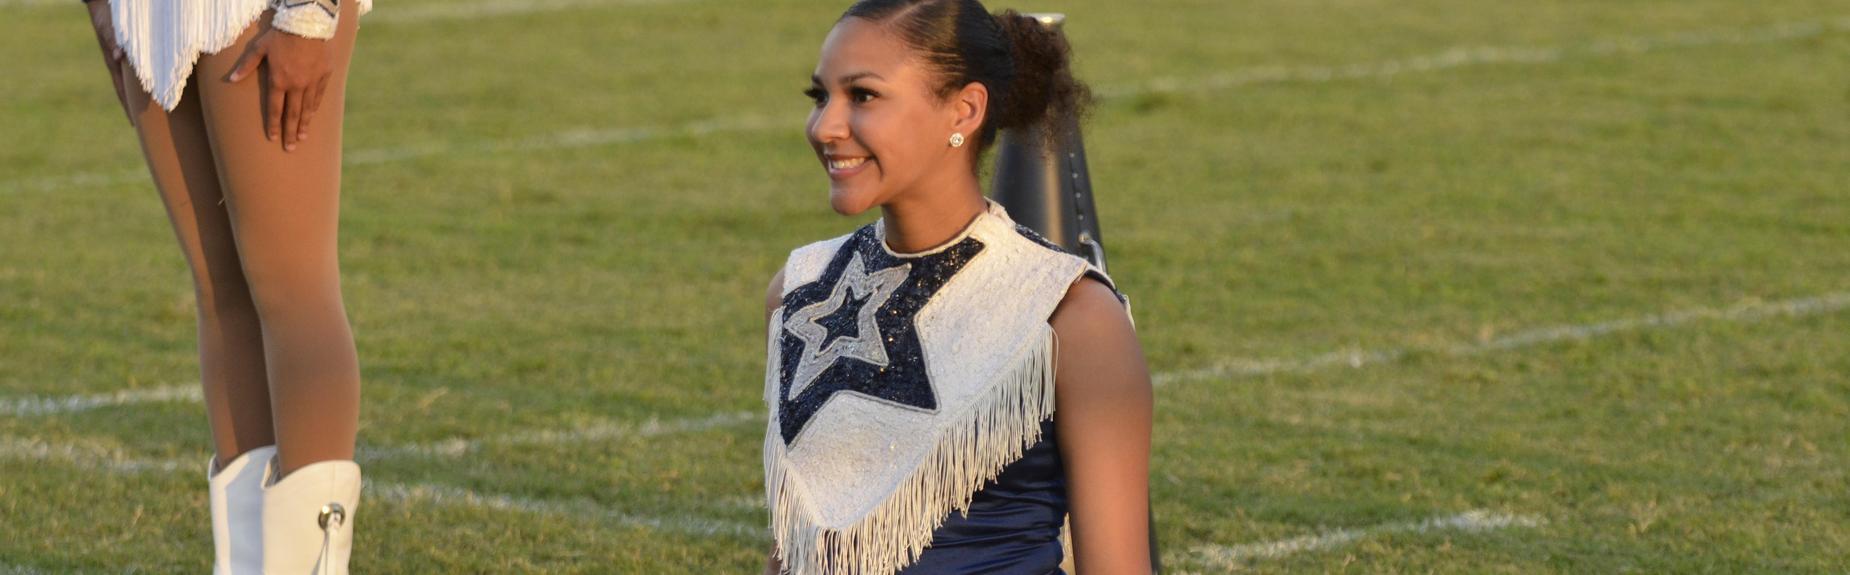 Cheerleader at Game